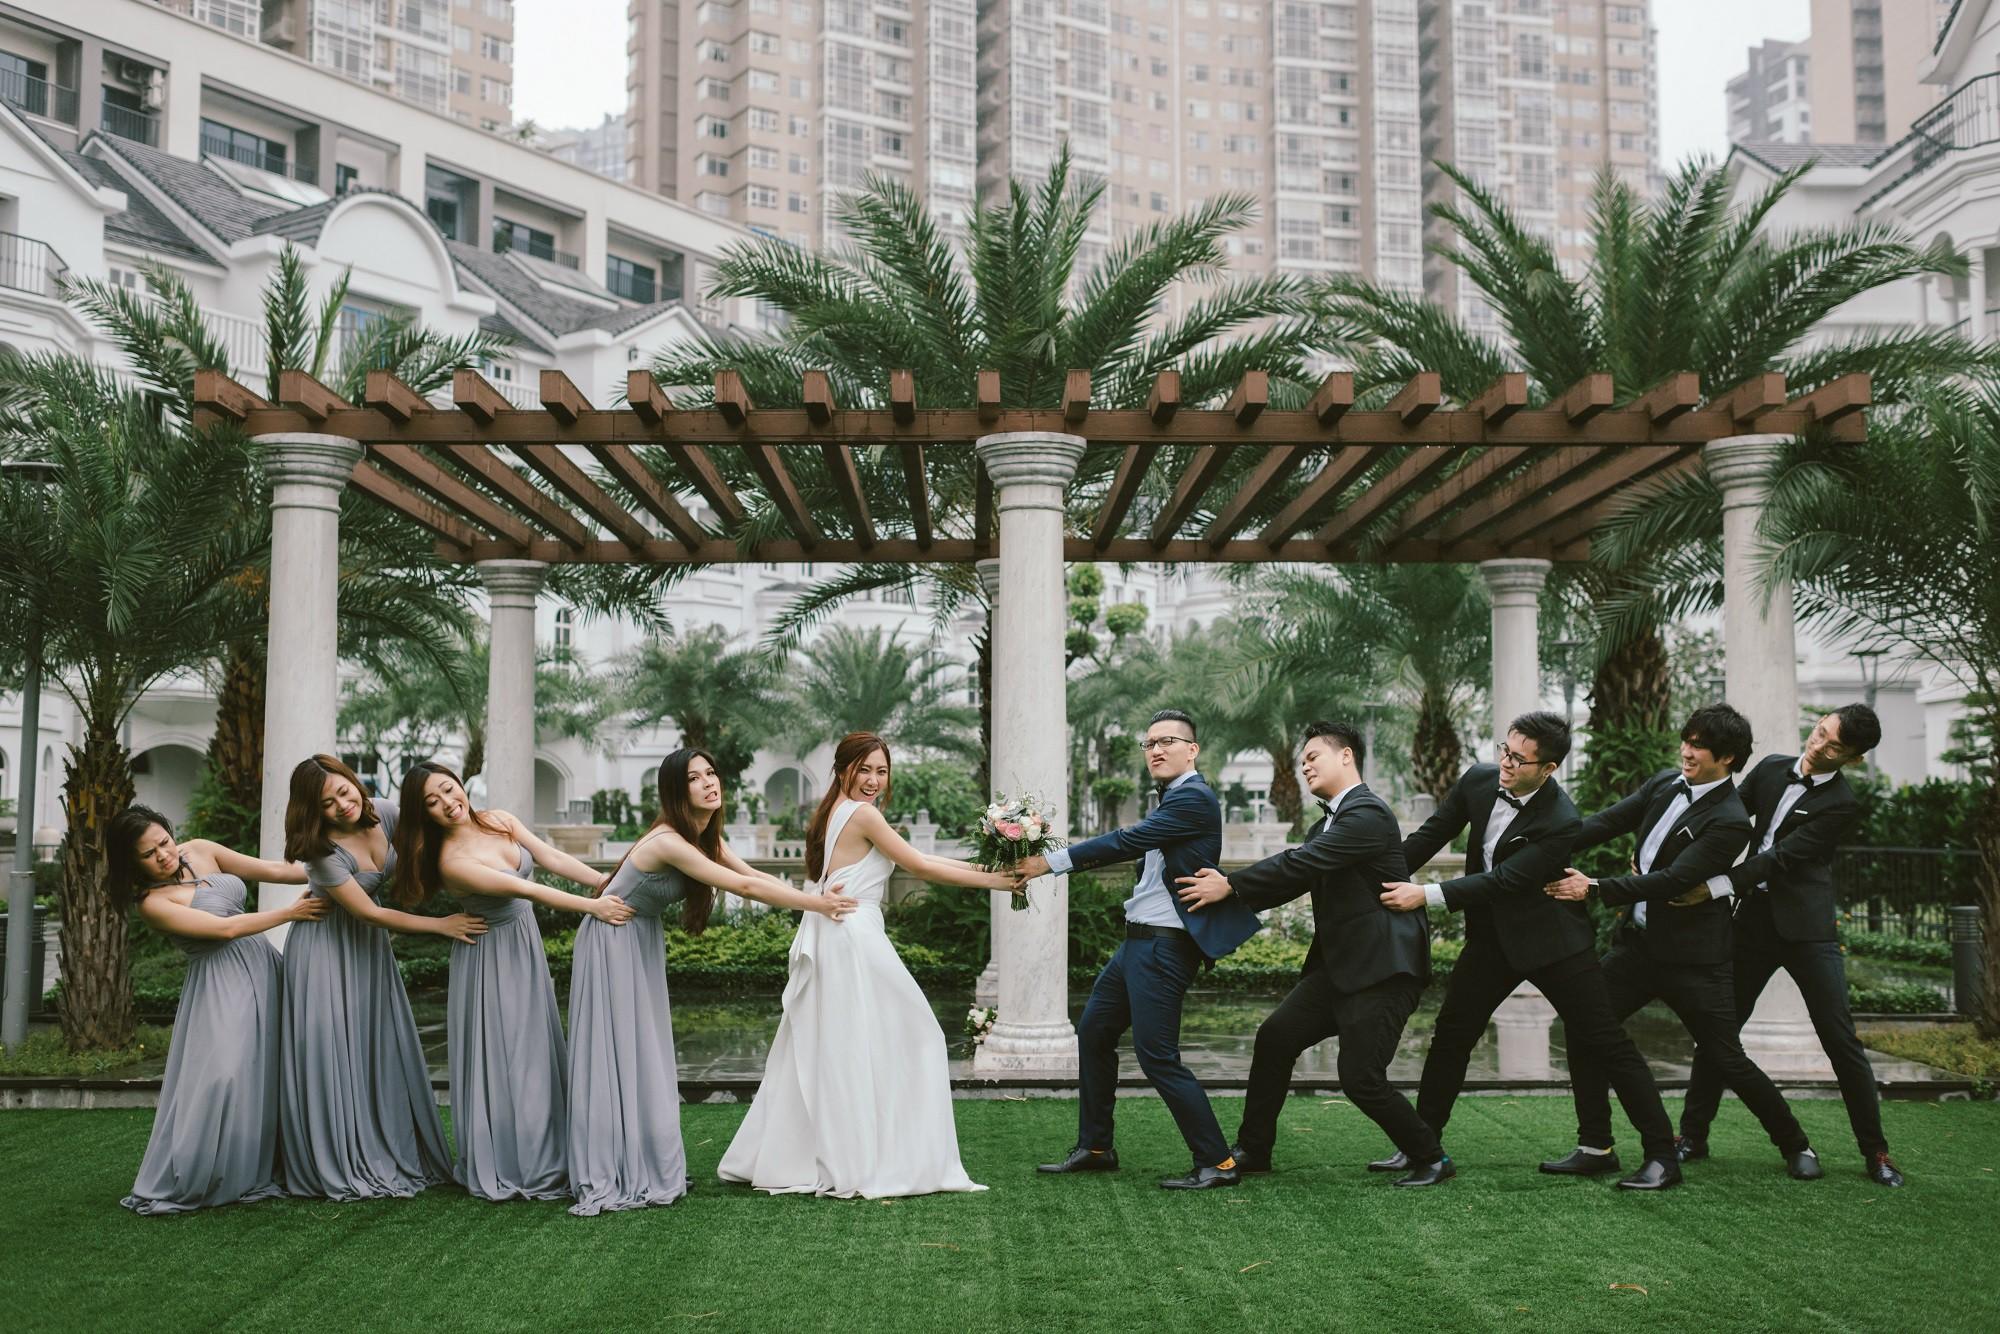 Em gái Trấn Thành kết hôn với bạn trai Hồng Kông, tung bộ ảnh cưới nhắng nhít cùng hội bạn thân - Ảnh 11.